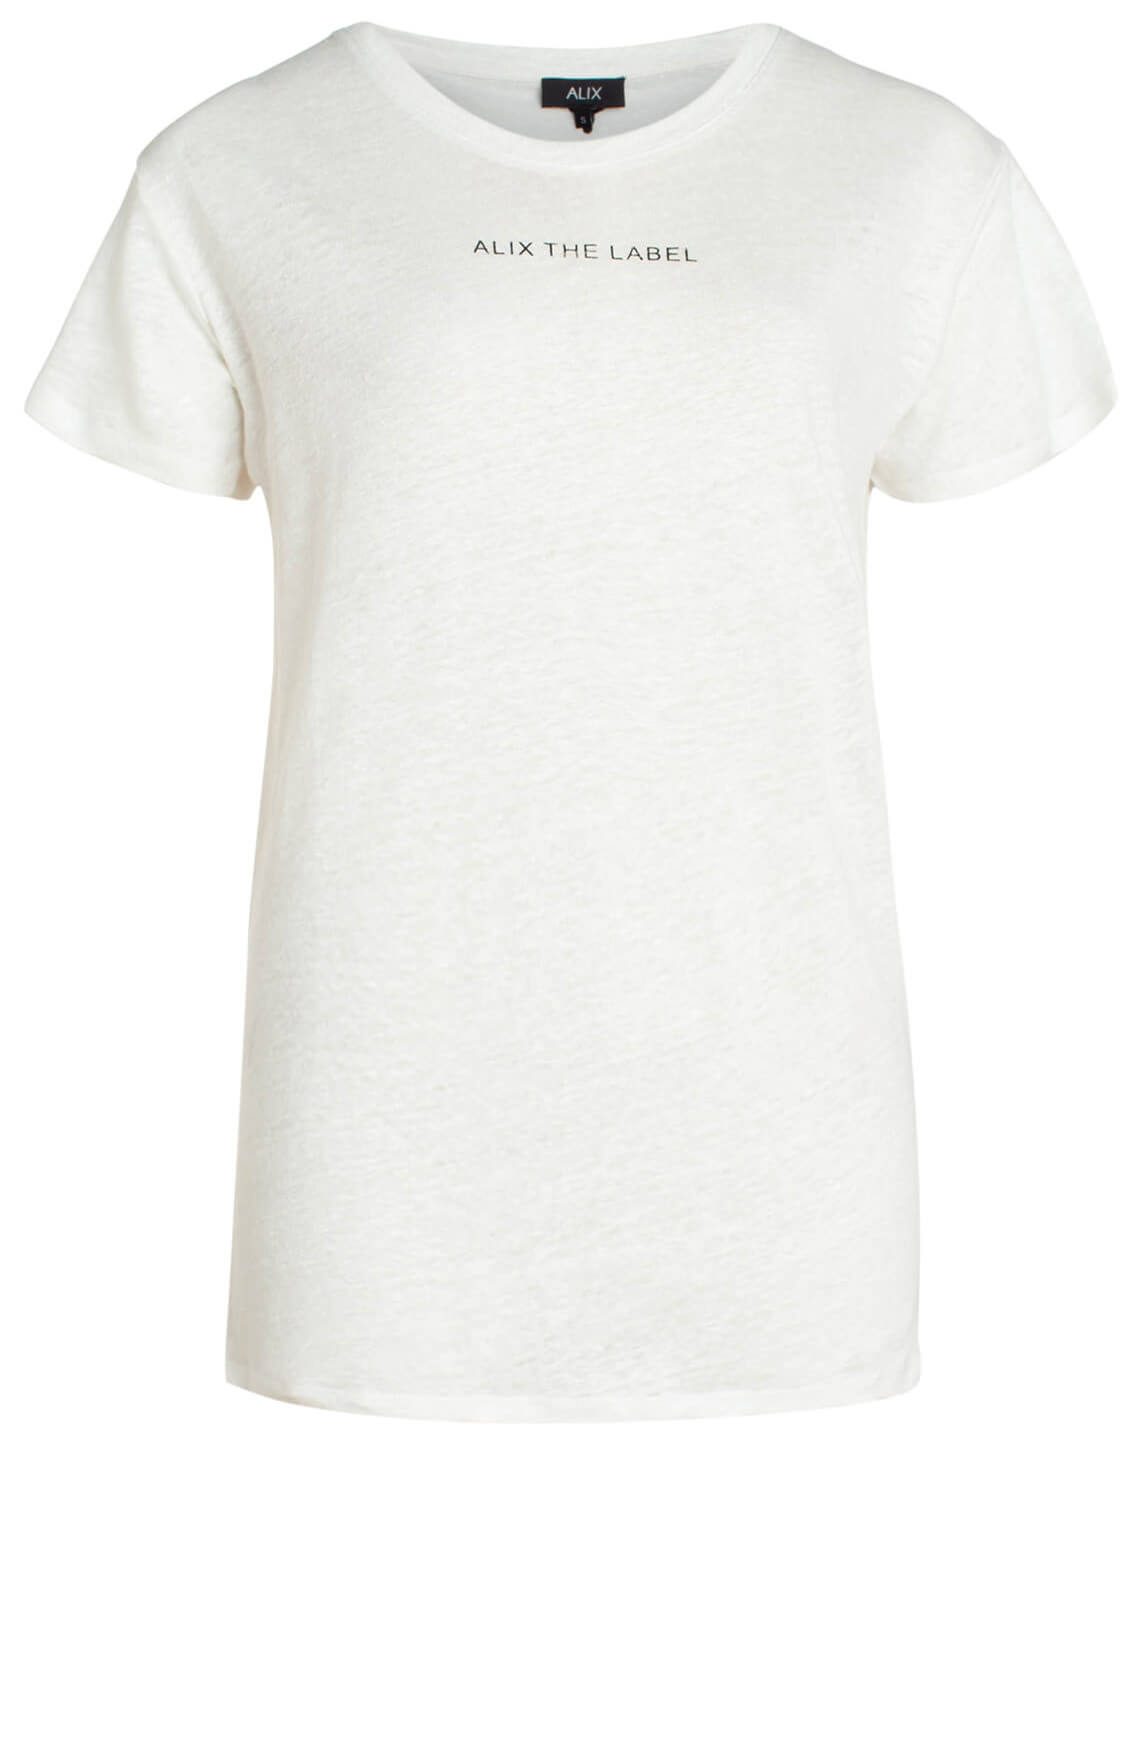 Alix The Label Dames Linnen shirt met tekstprint wit